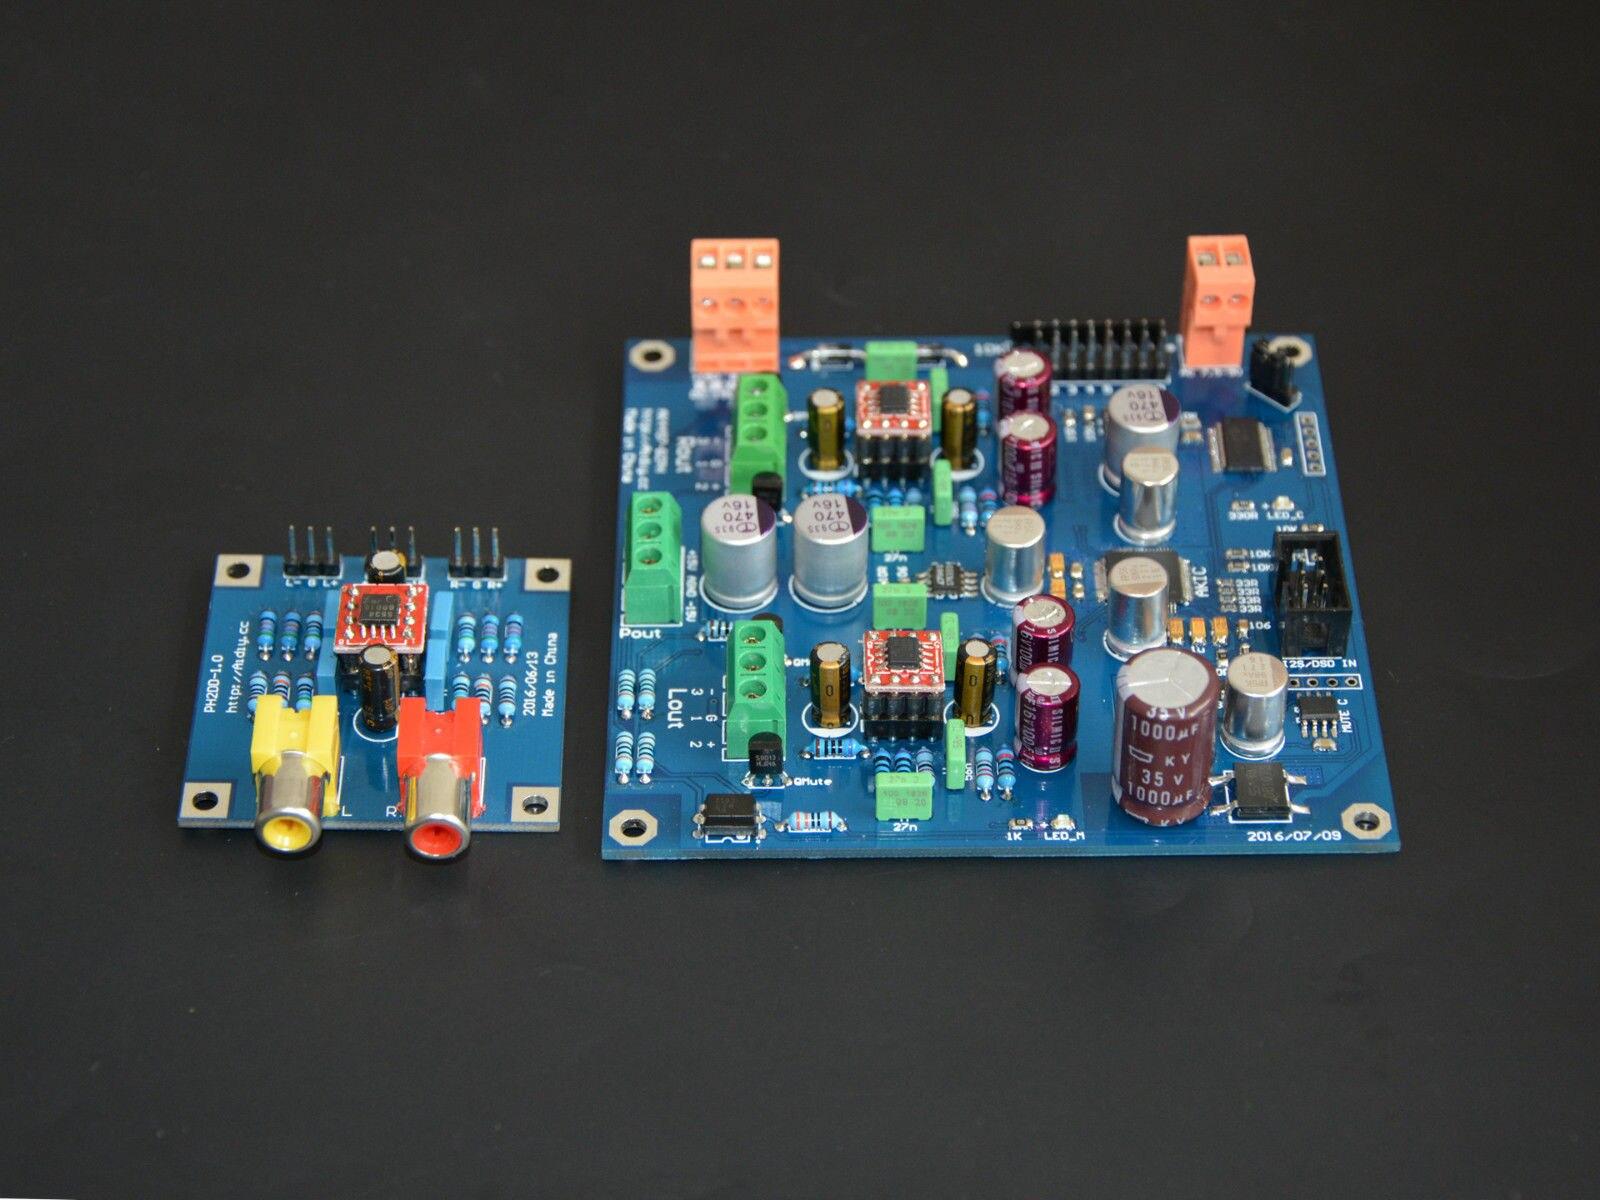 AK4497EQ carte DAC/Kit DAC norme officielle ligne équilibrée I2S/DSD décodeur